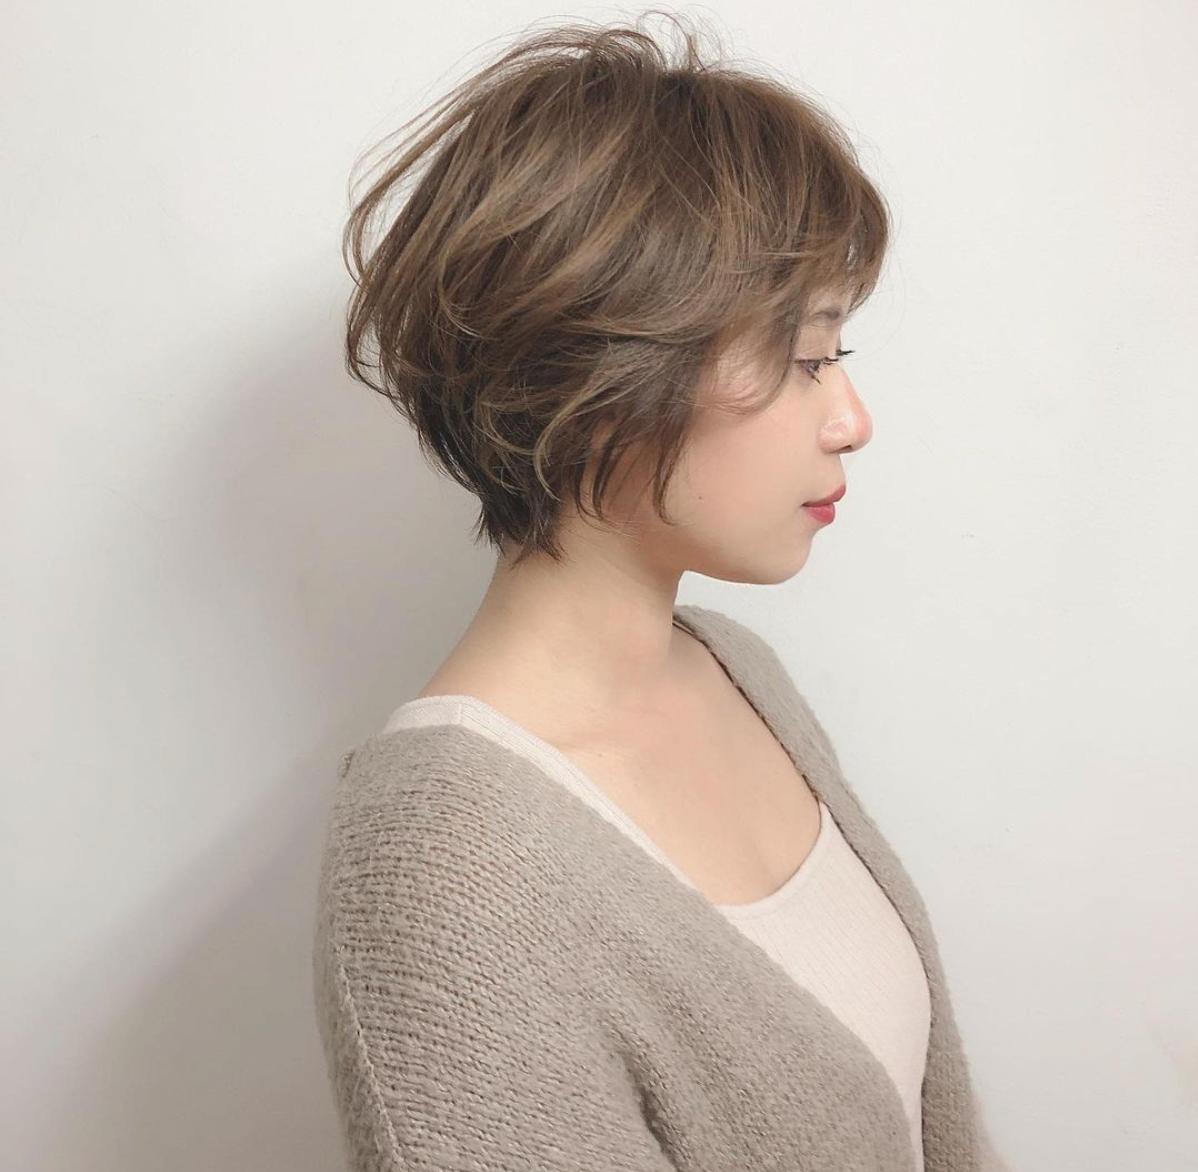 くせ毛を活かした動きのある髪型は洗練された雰囲気に